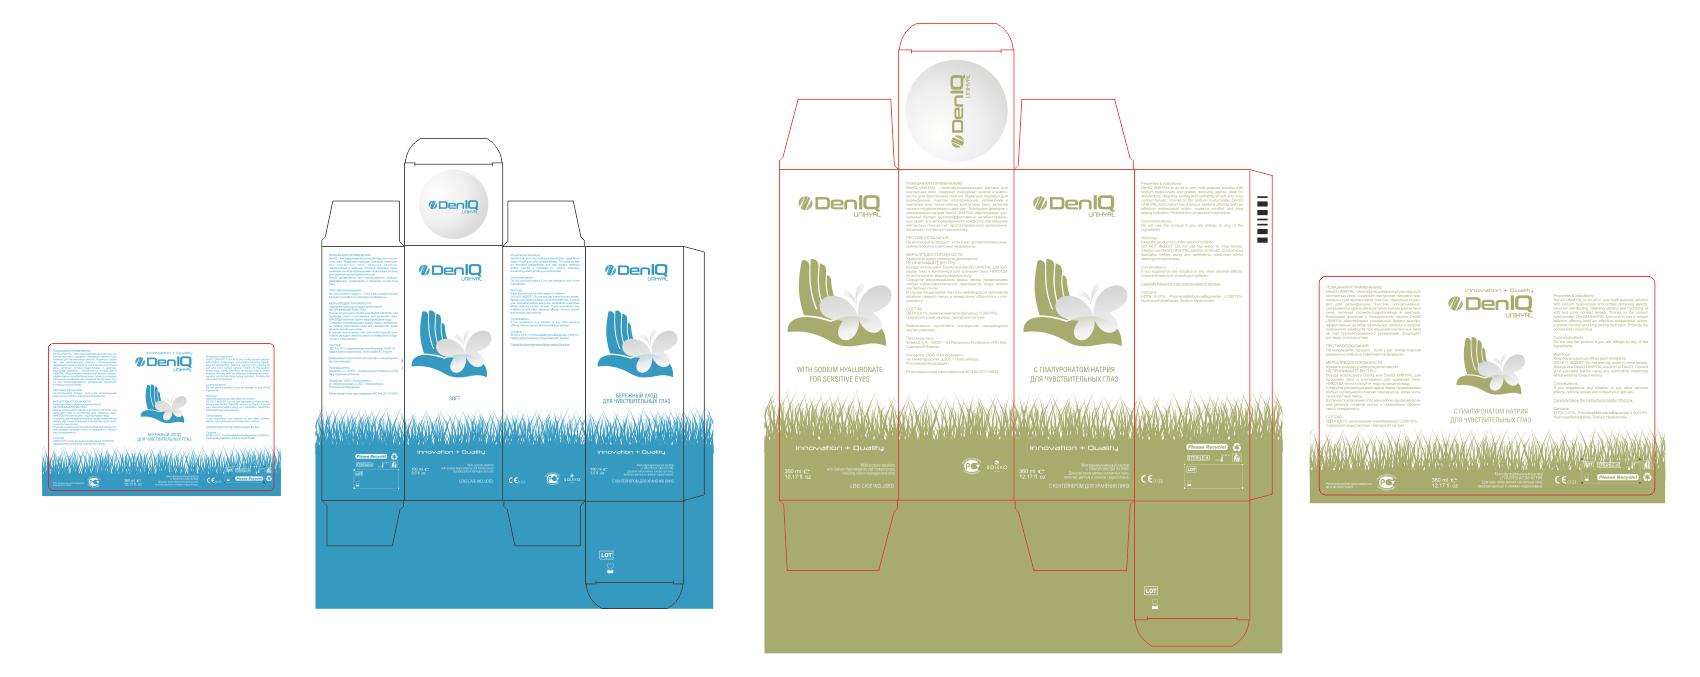 Конкурс на разработку дизайна упаковки фото f_503f1b695f64e.png